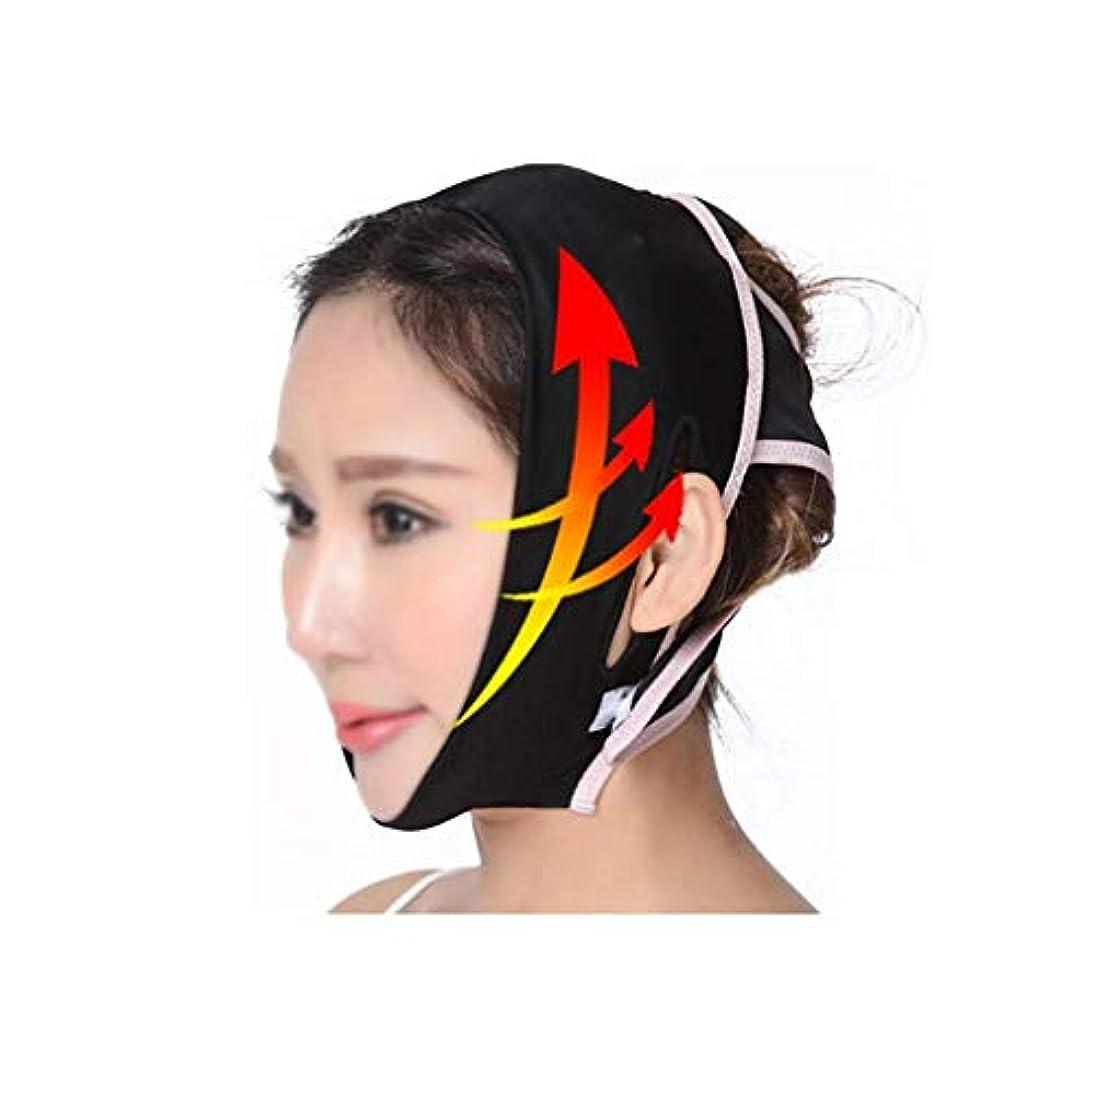 洞察力シュガー注釈を付けるフェイスリフトマスク、フェイシャルマスク睡眠顔整形顔包帯顔リフティングV顔顔アーティファクト回復通気性ネックストラップ(サイズ:M)